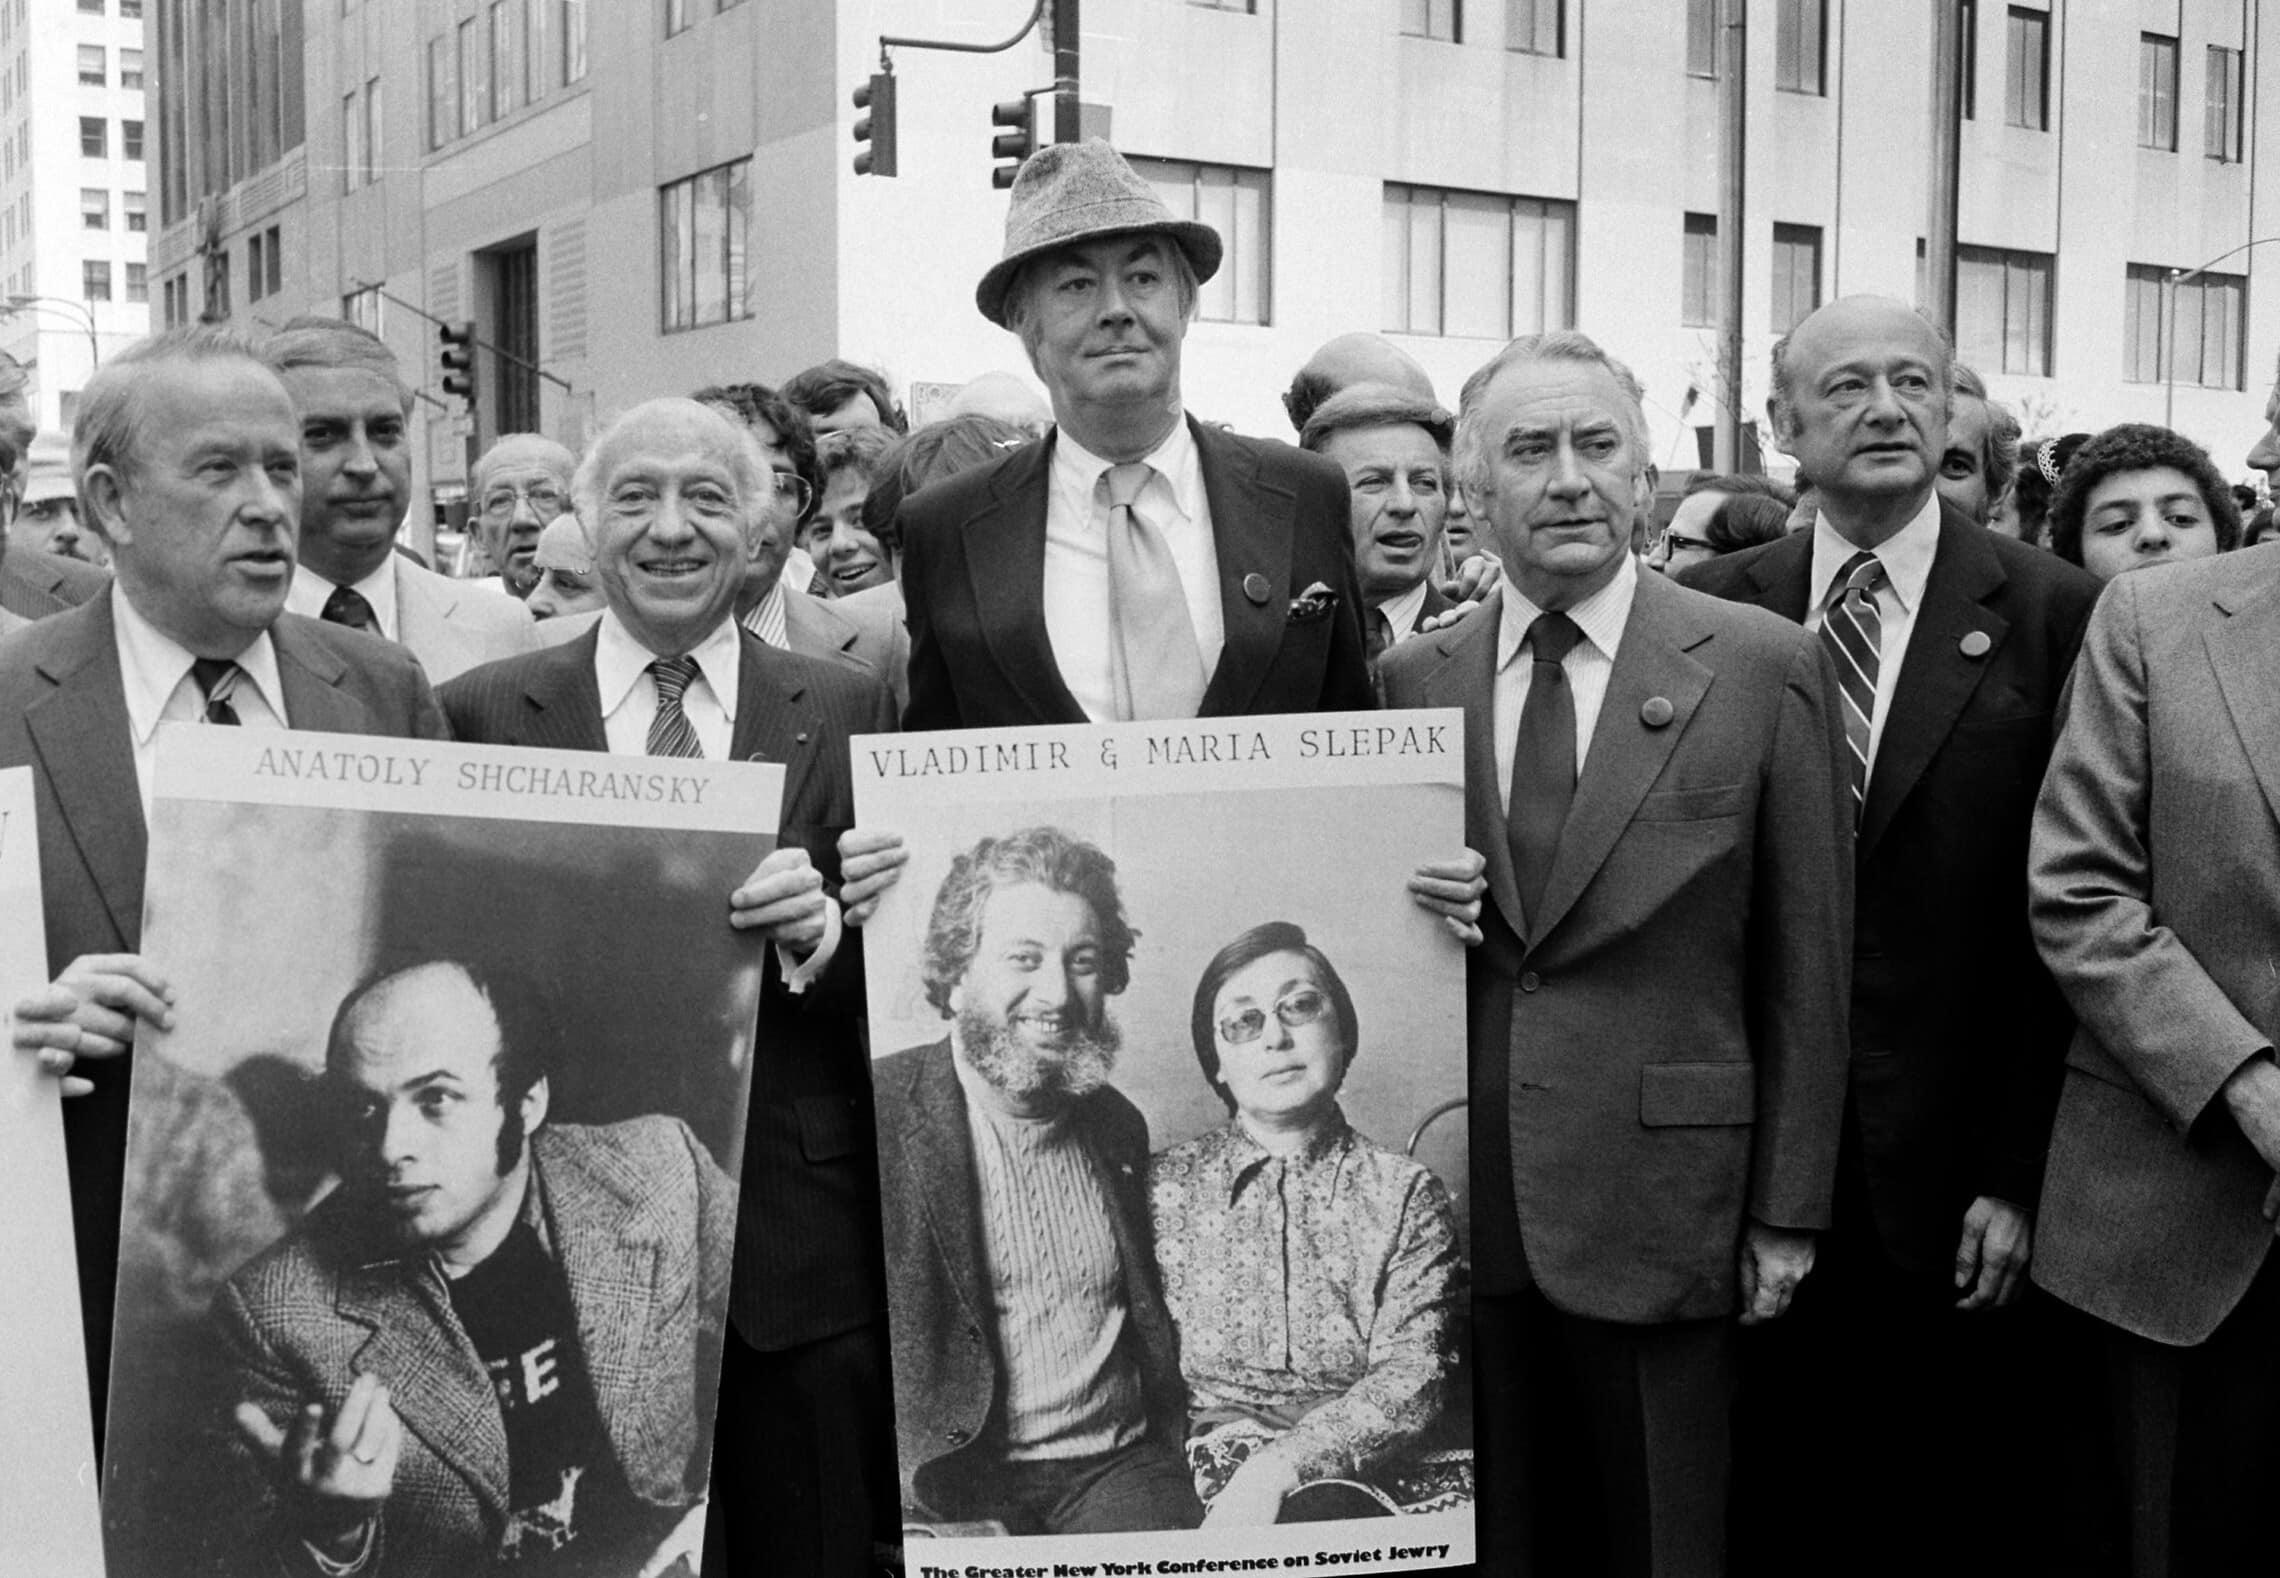 הפגנת סולידריות, בראשות אד קוץ, ראש עיריית ניו יורק, הקוראת לשחרור אסירי ציון בברית המועצות, 29 באפריל 1979 (צילום: AP Photo/David Karp)